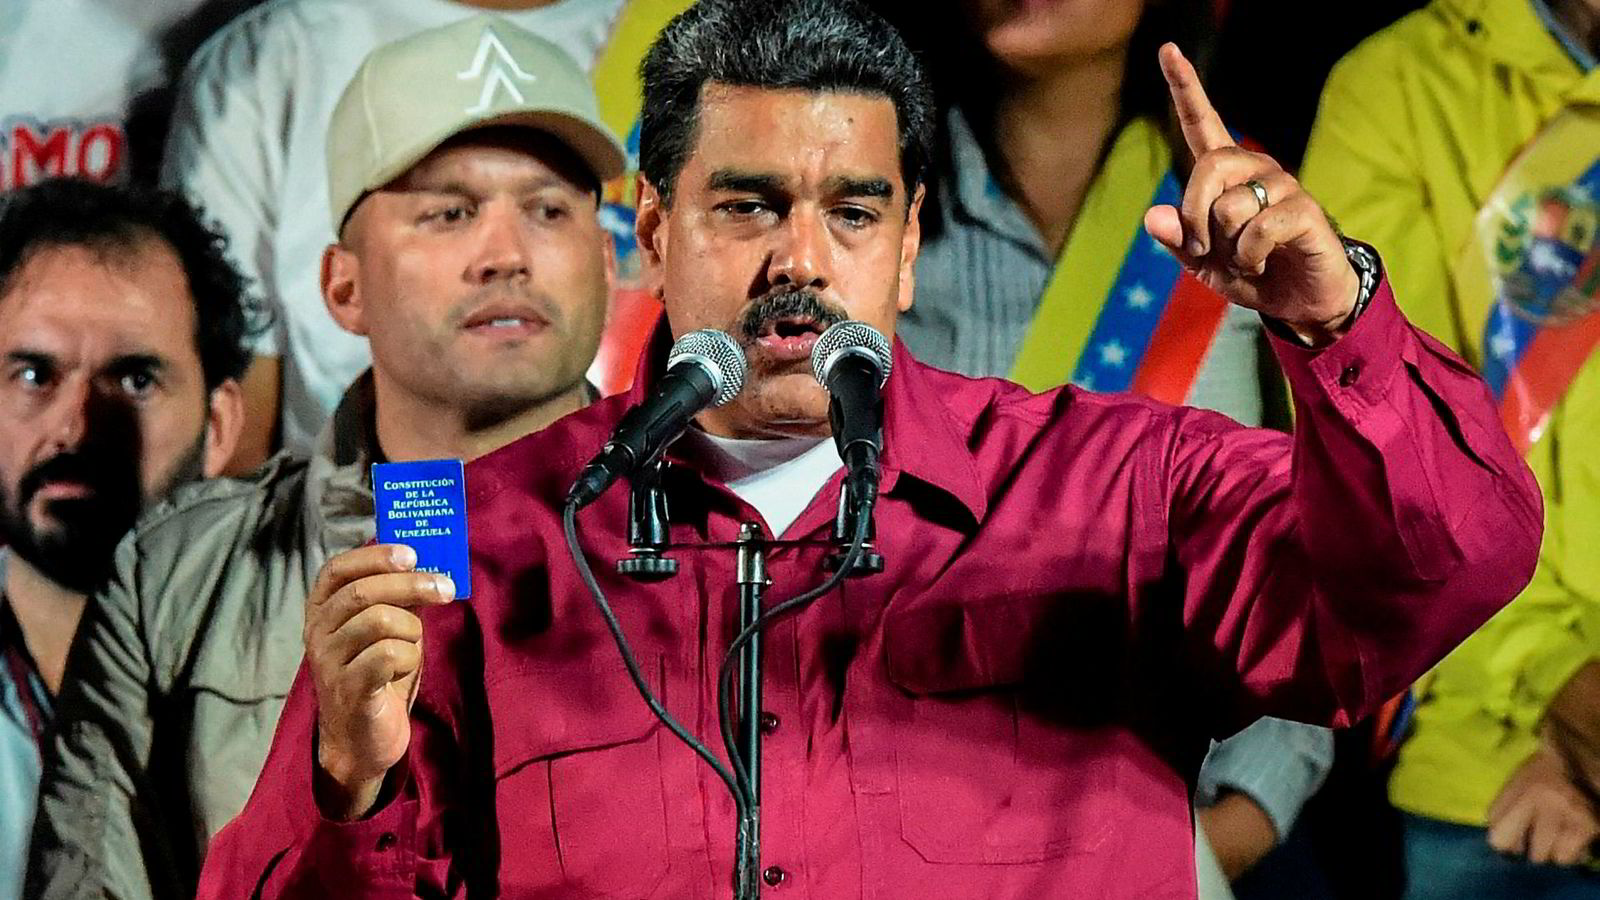 Sittende president Nicolás Maduro vant det tvilsomme valget i Venezuela. Dermed fortsetter krisen i landet med full kraft.